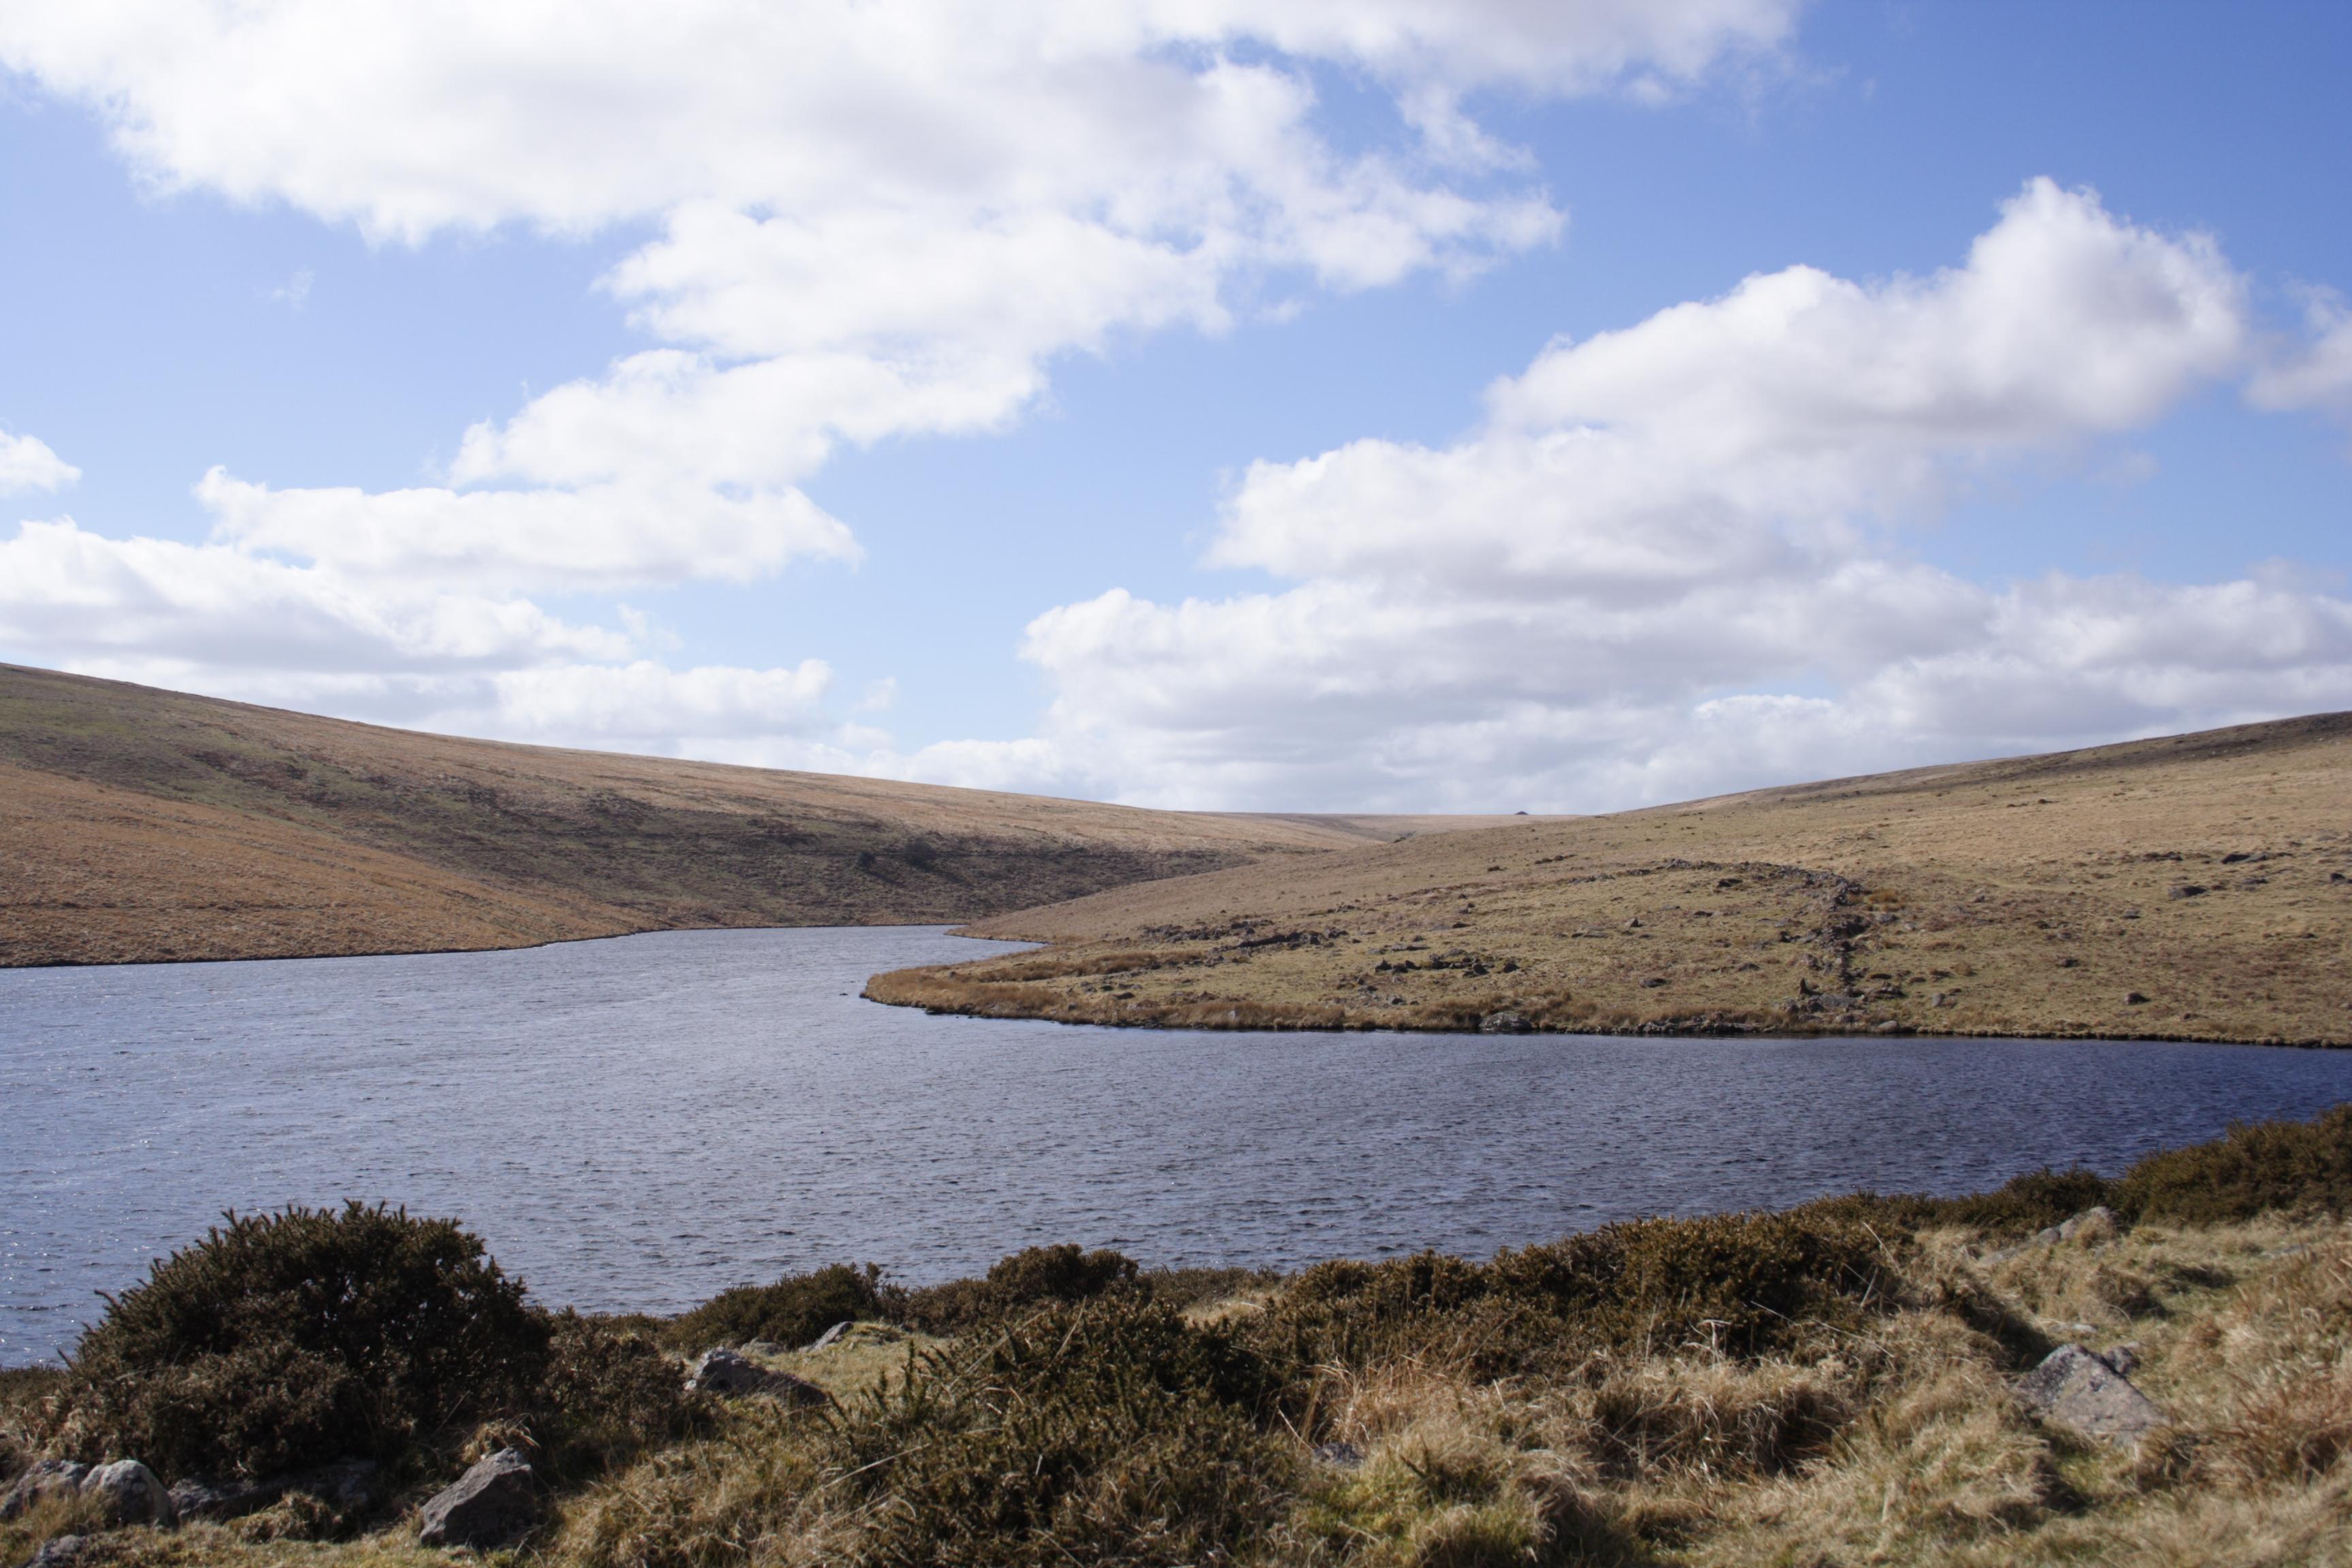 Avon Dam Dartmoor